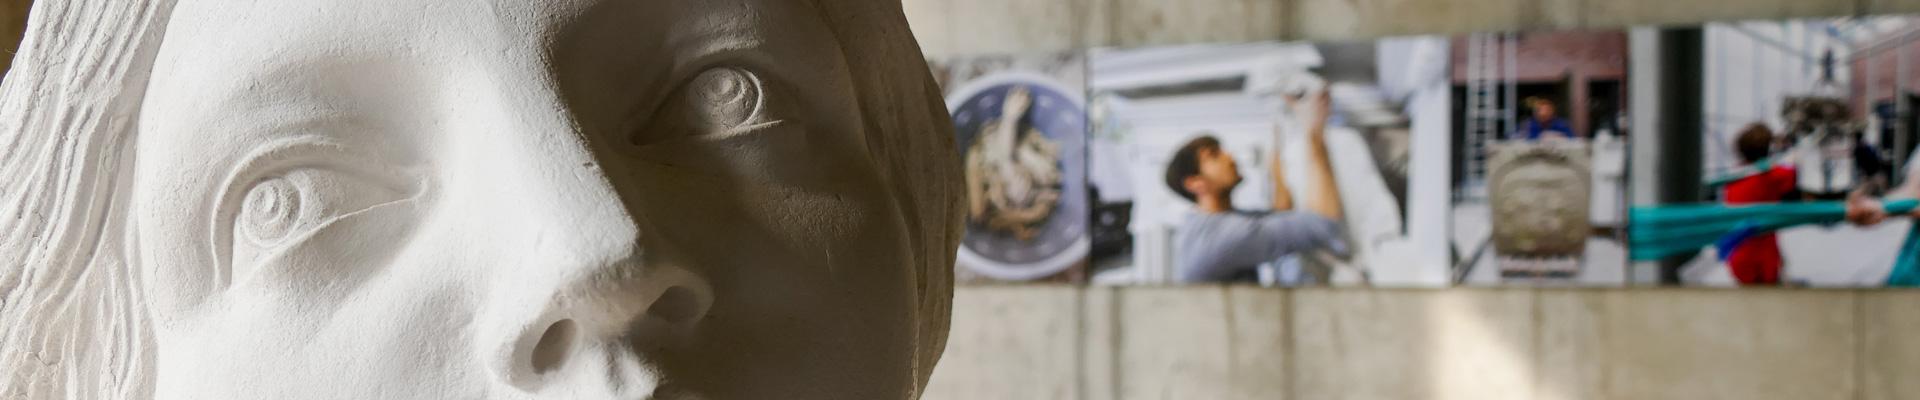 Tag der offenen Baustelle im Humboldtforum: Detail eines weiblichen Skulpturenkopfes, im Hintergrund Baustellenfotos.